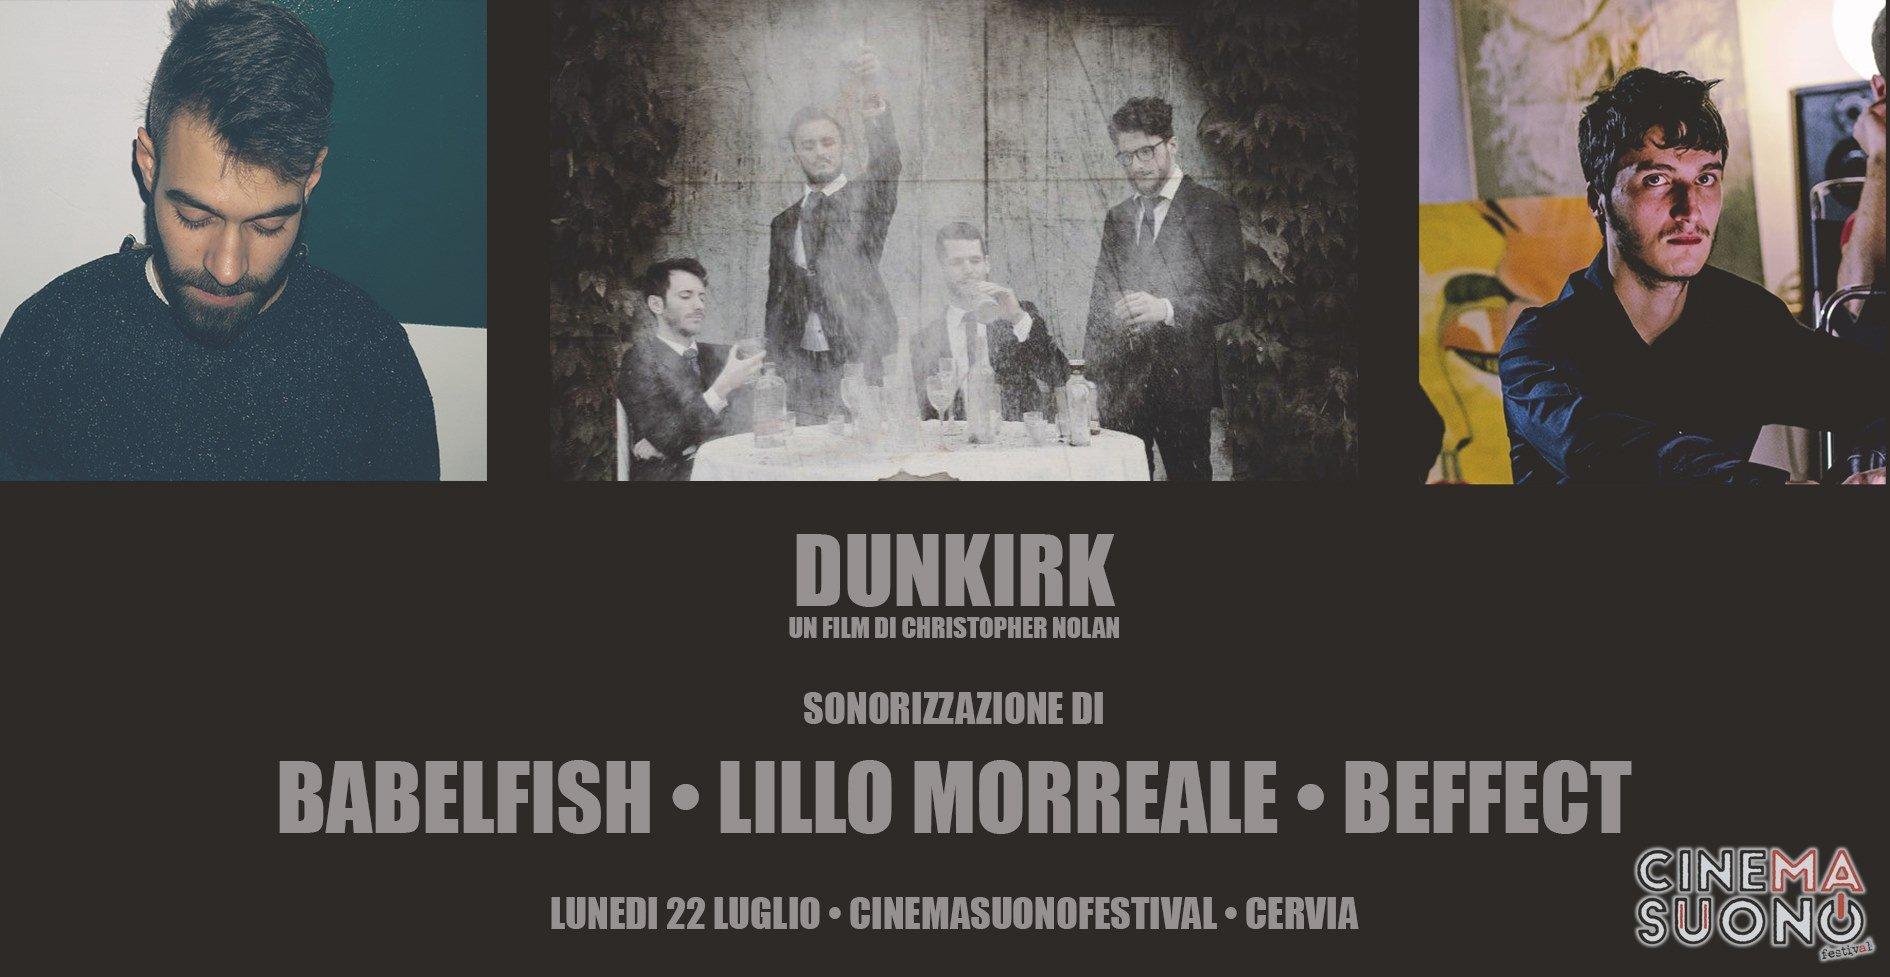 Beffect, Babel Fish e Lillo Morreale per la sonorizzazione di Dunkirk